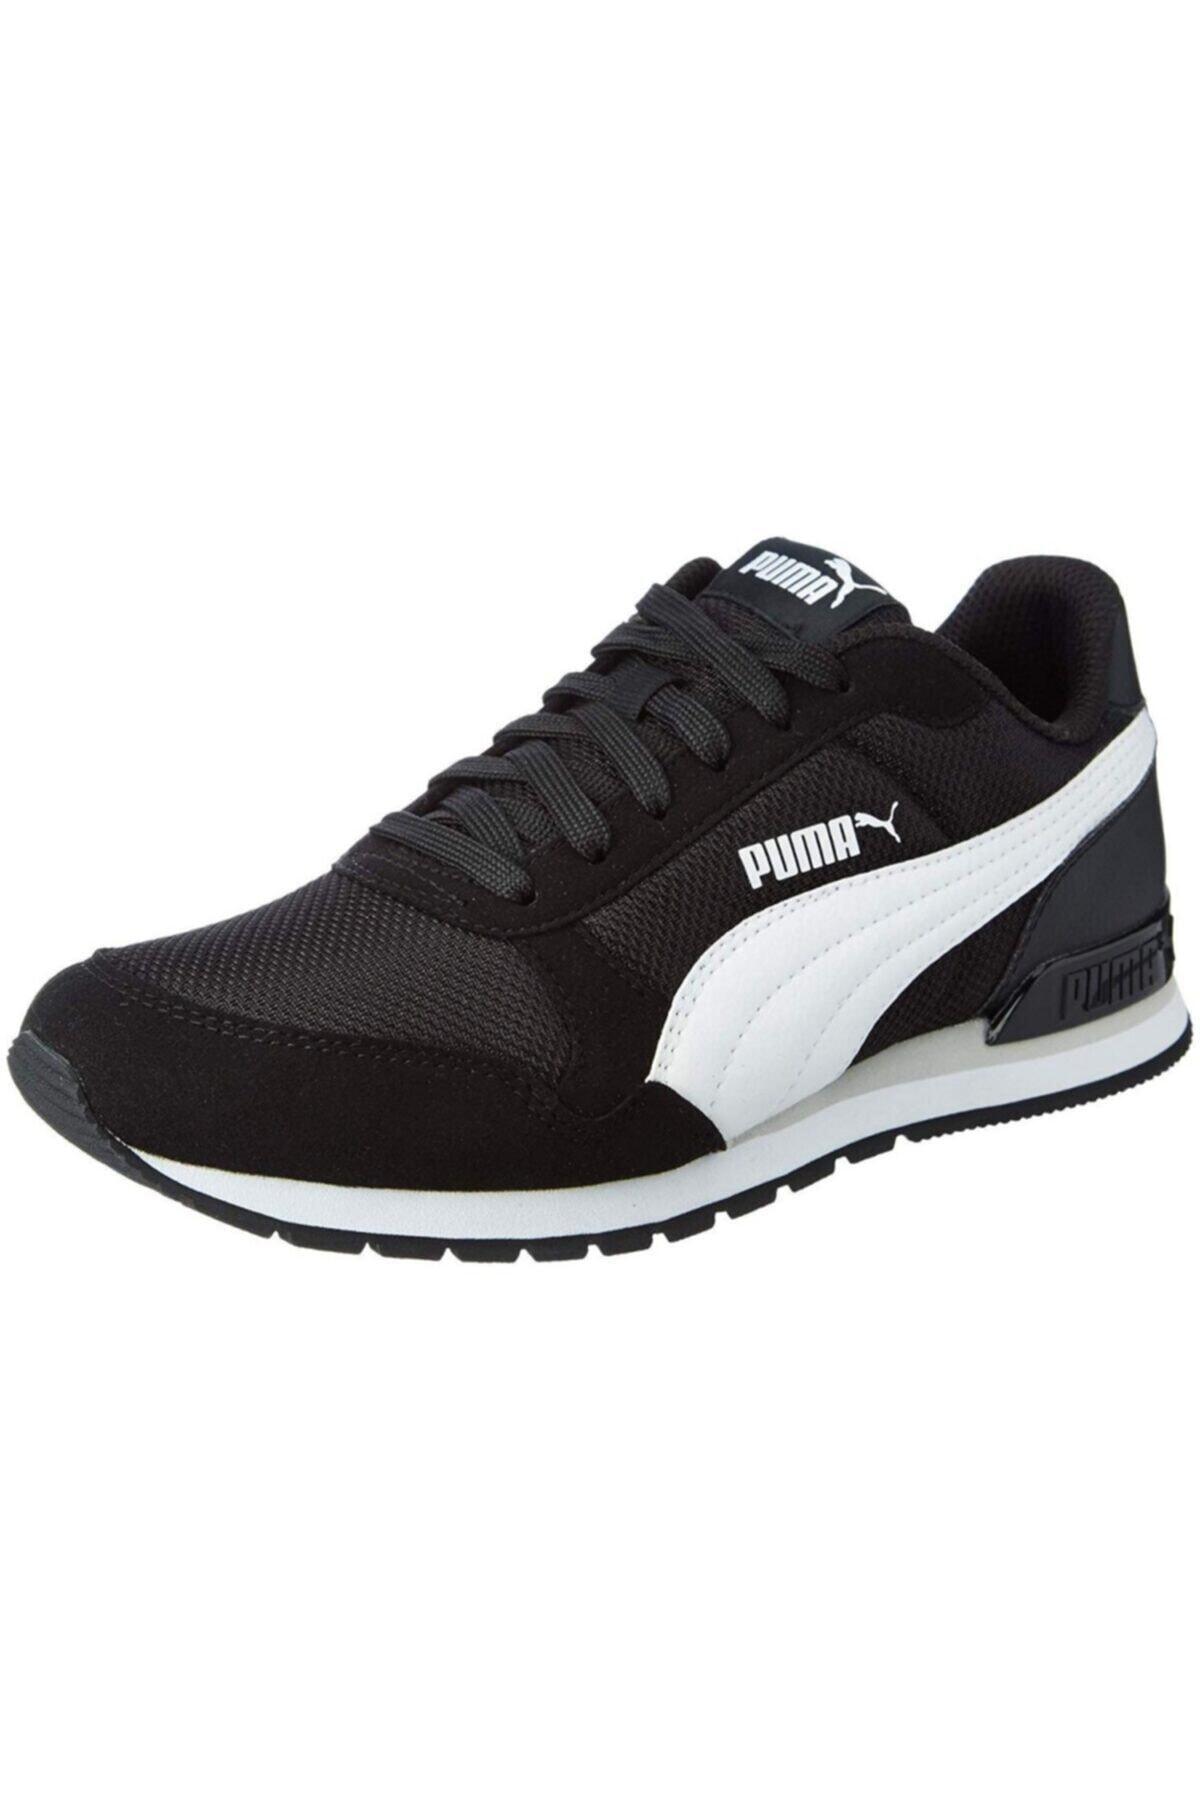 Puma St Runner V2 Mesh Jr 36713506 Spor Ayakkabı 2